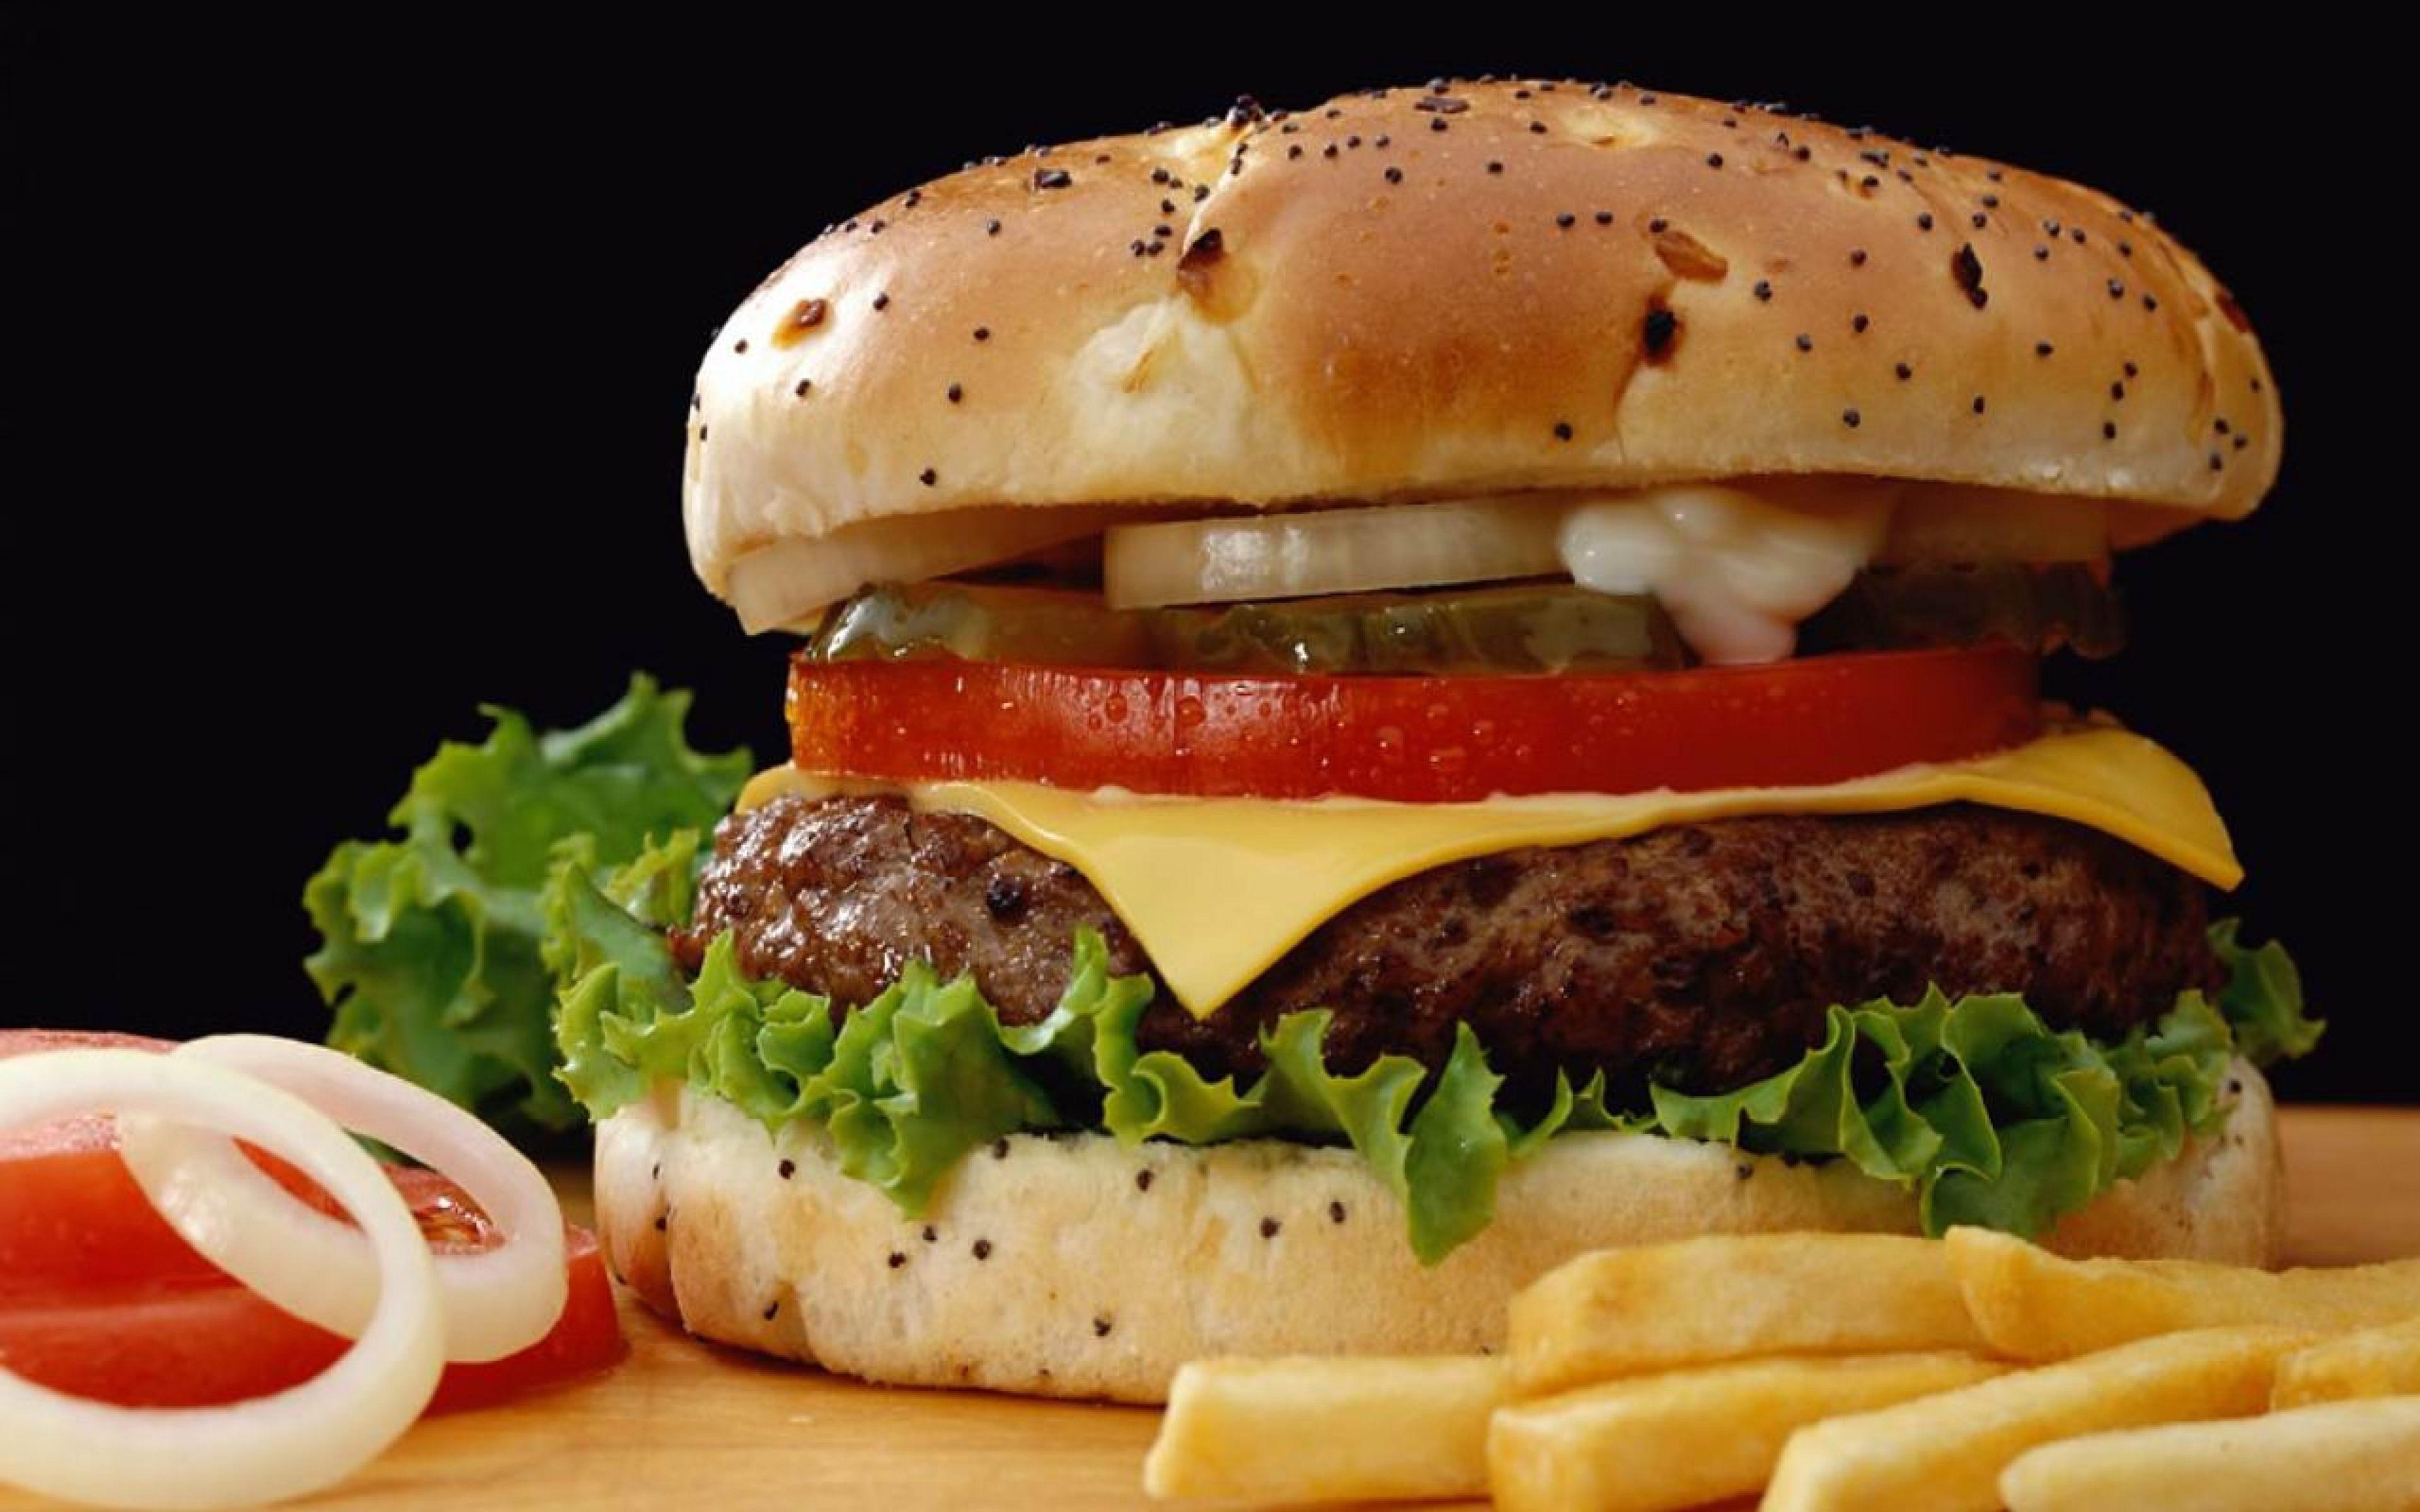 Cheeseburger Wallpapers hd